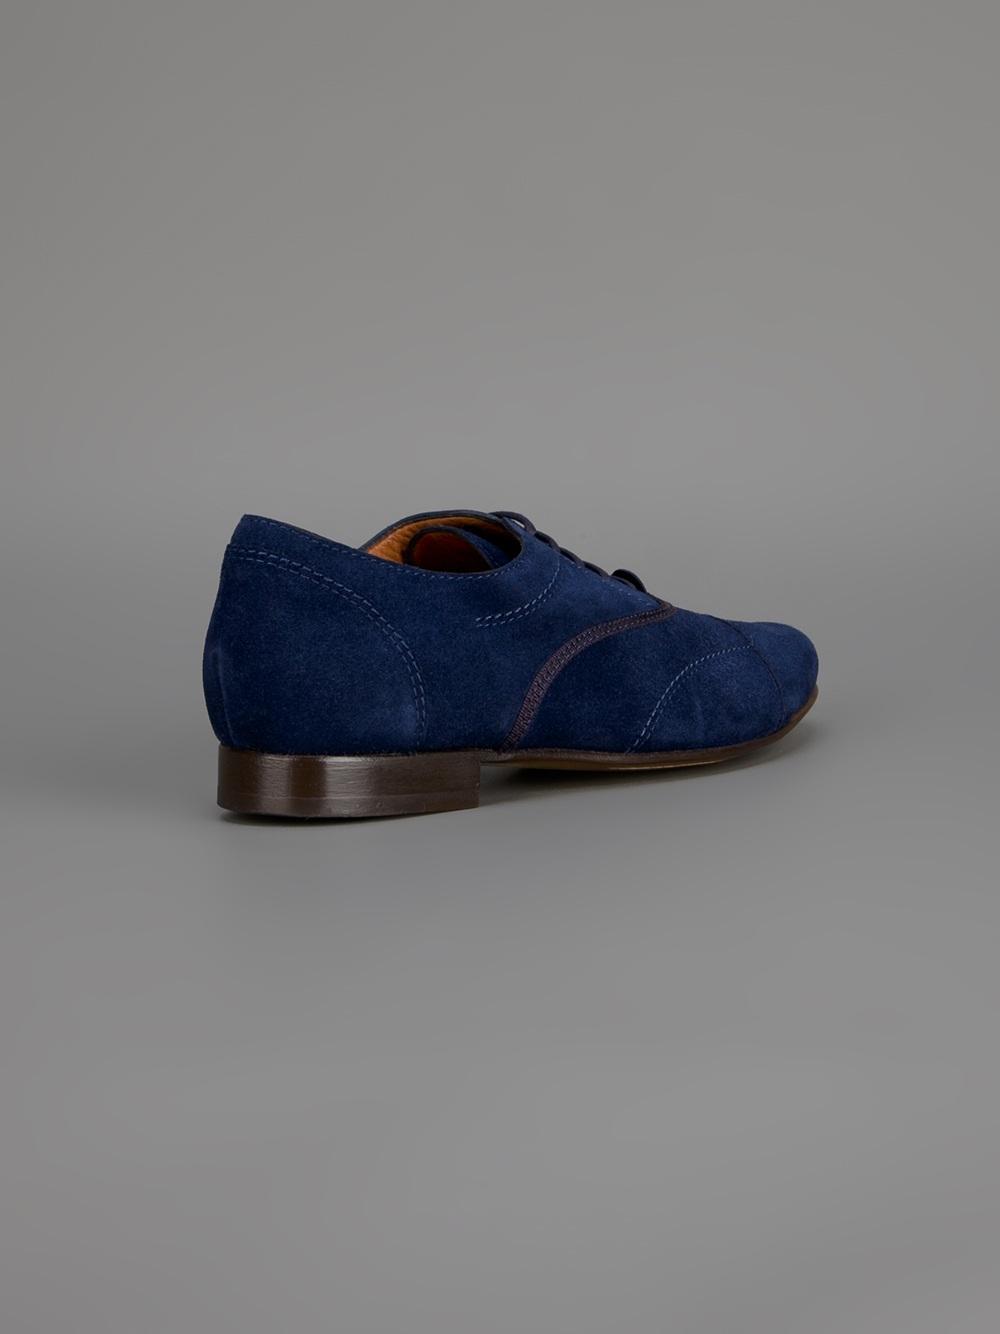 Shoe Sandal Combination Men